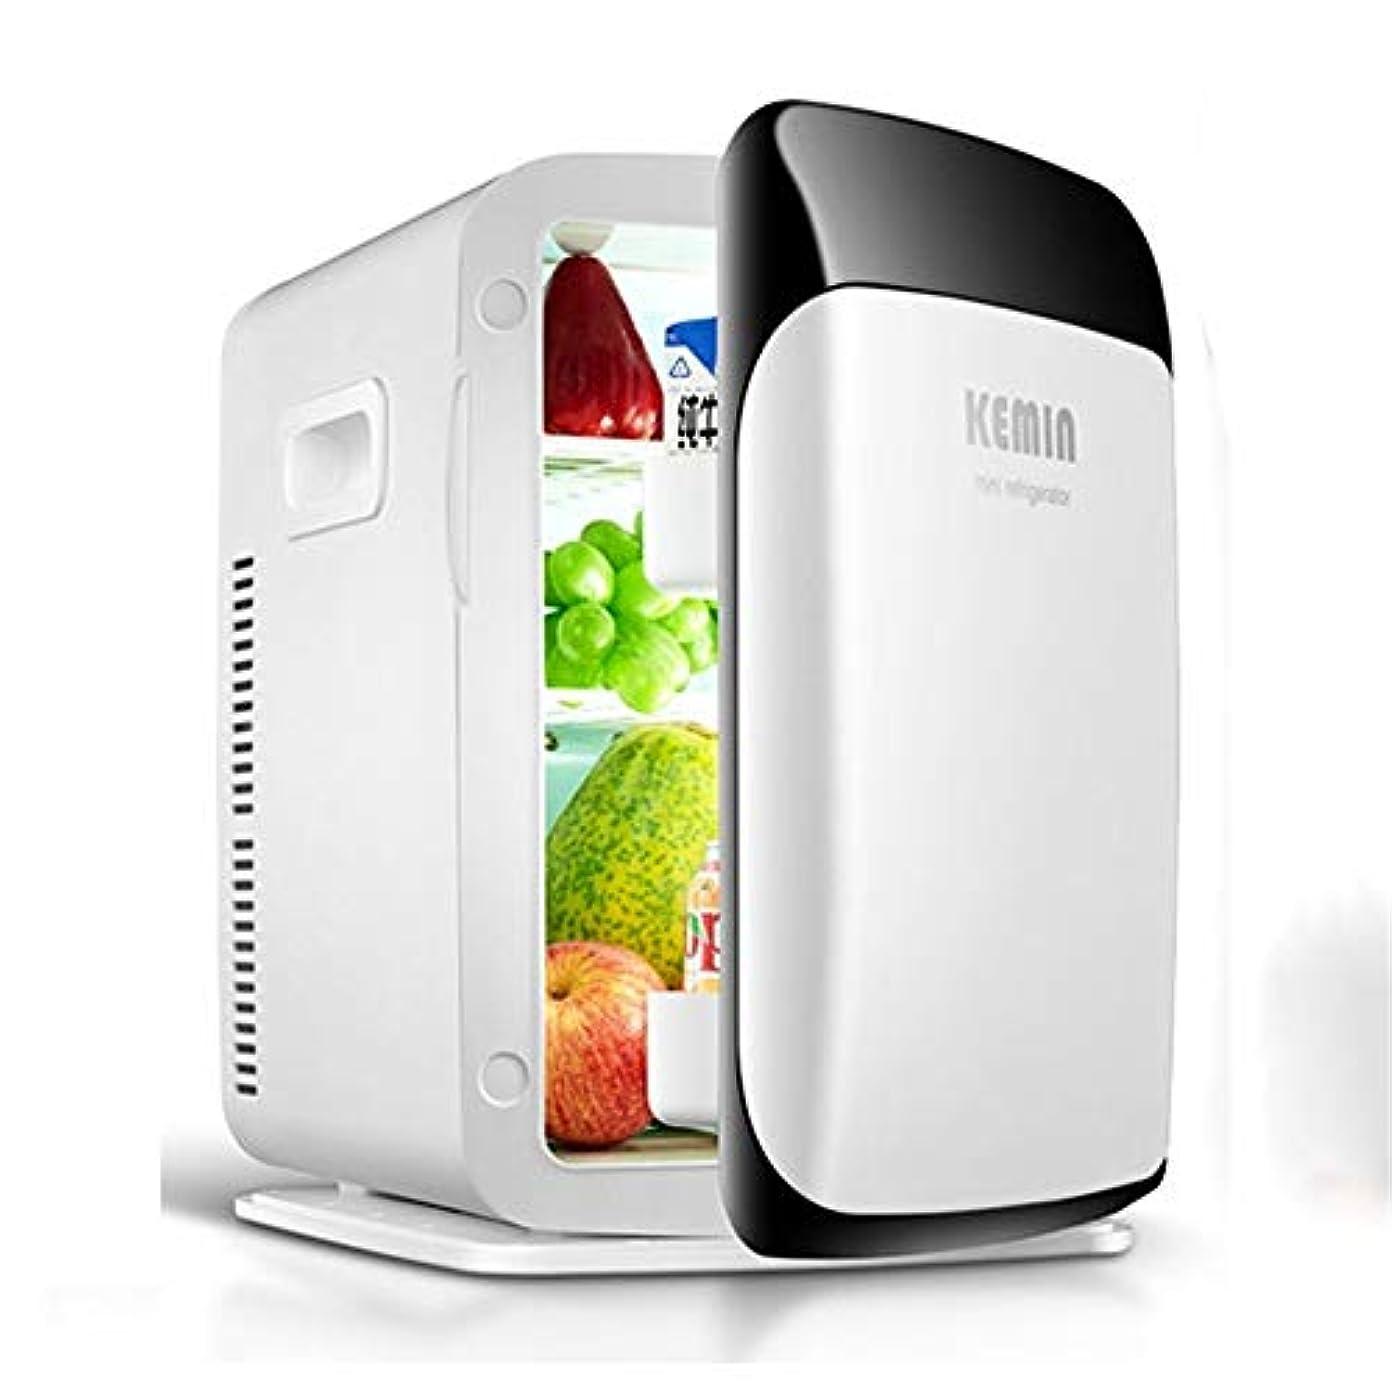 変色する会議版15リットルミニ冷蔵庫車冷蔵庫ポータブルデュアルコア冷凍/暖房冷蔵庫(色:ホワイト)